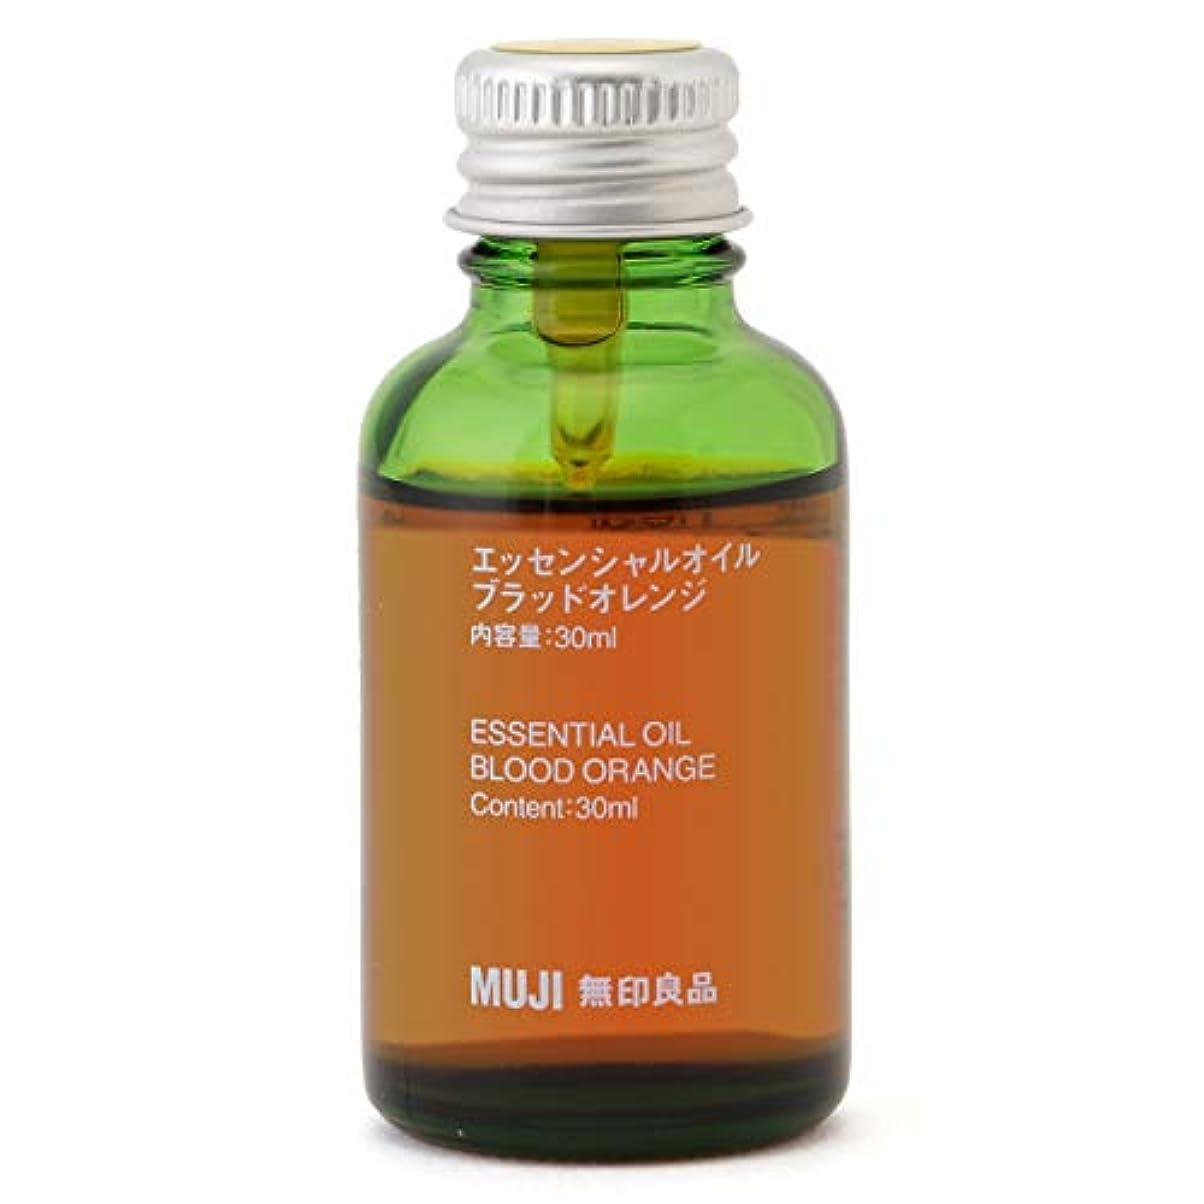 治療インスタンス我慢する【無印良品】エッセンシャルオイル30ml(ブラッドオレンジ)